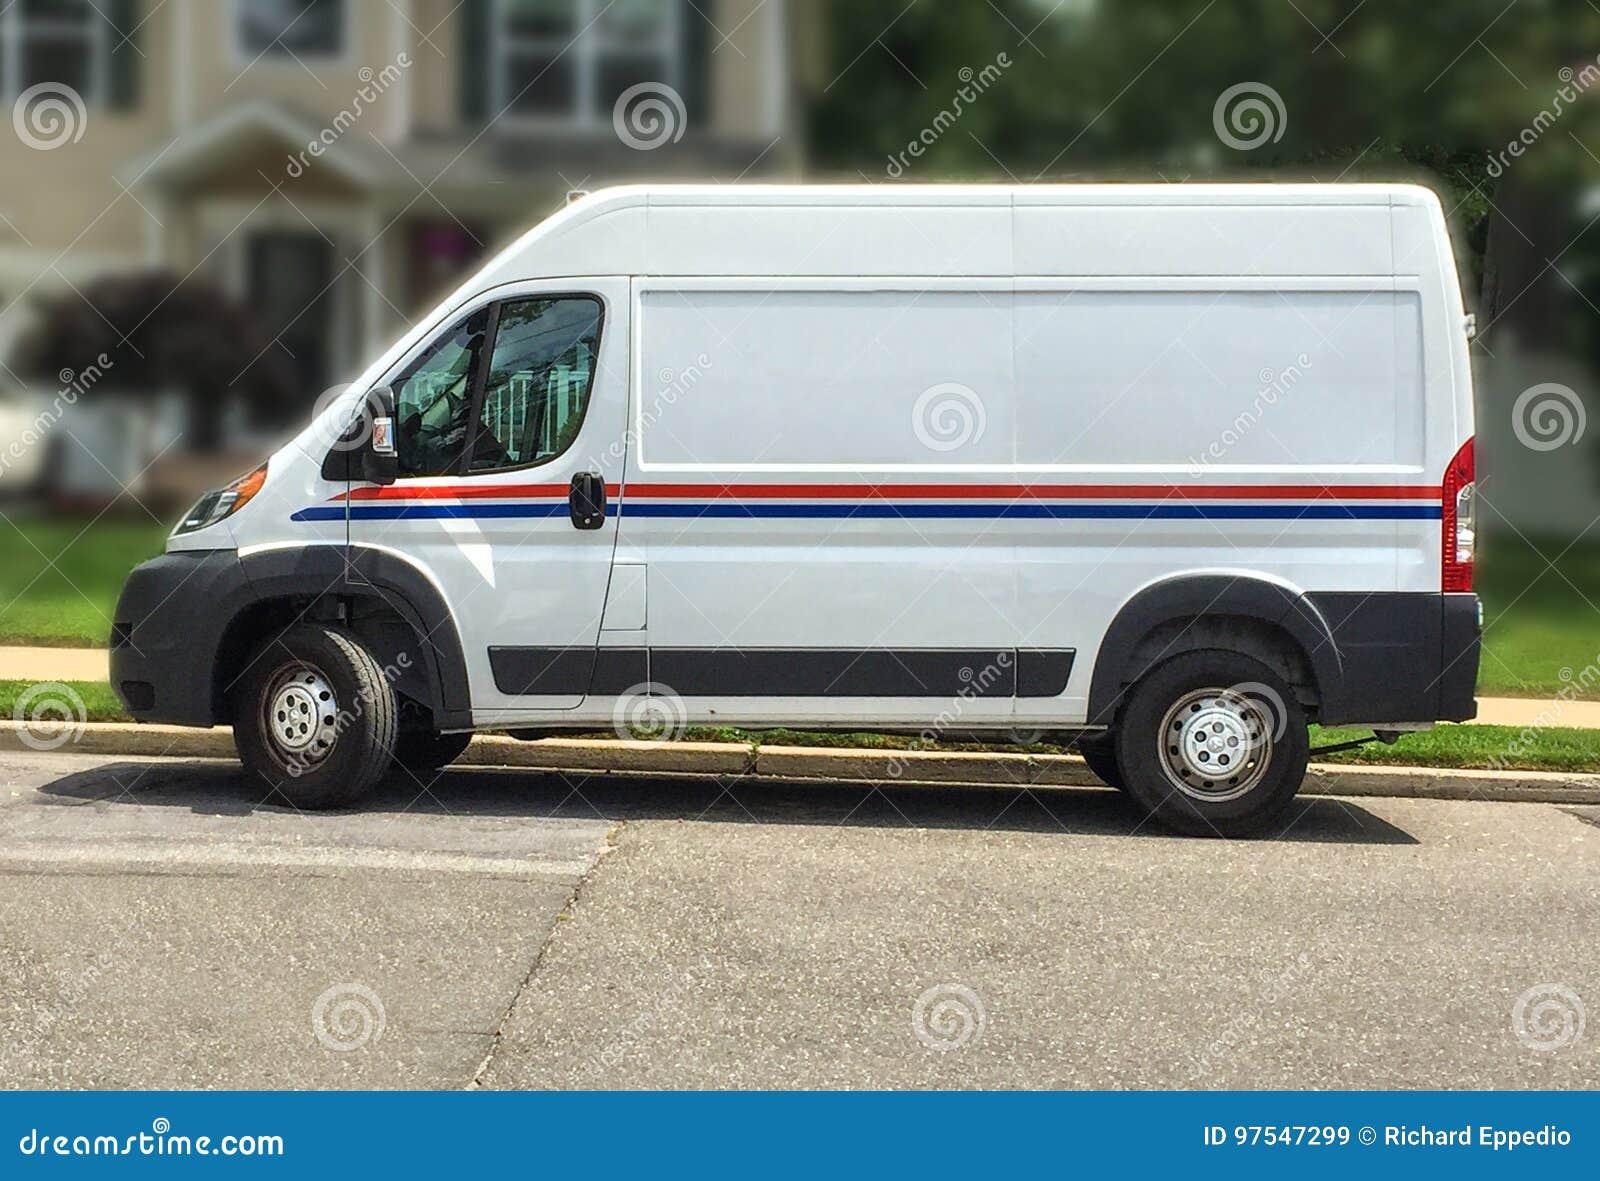 El camión de reparto estándar hace una entrega para dirigirse